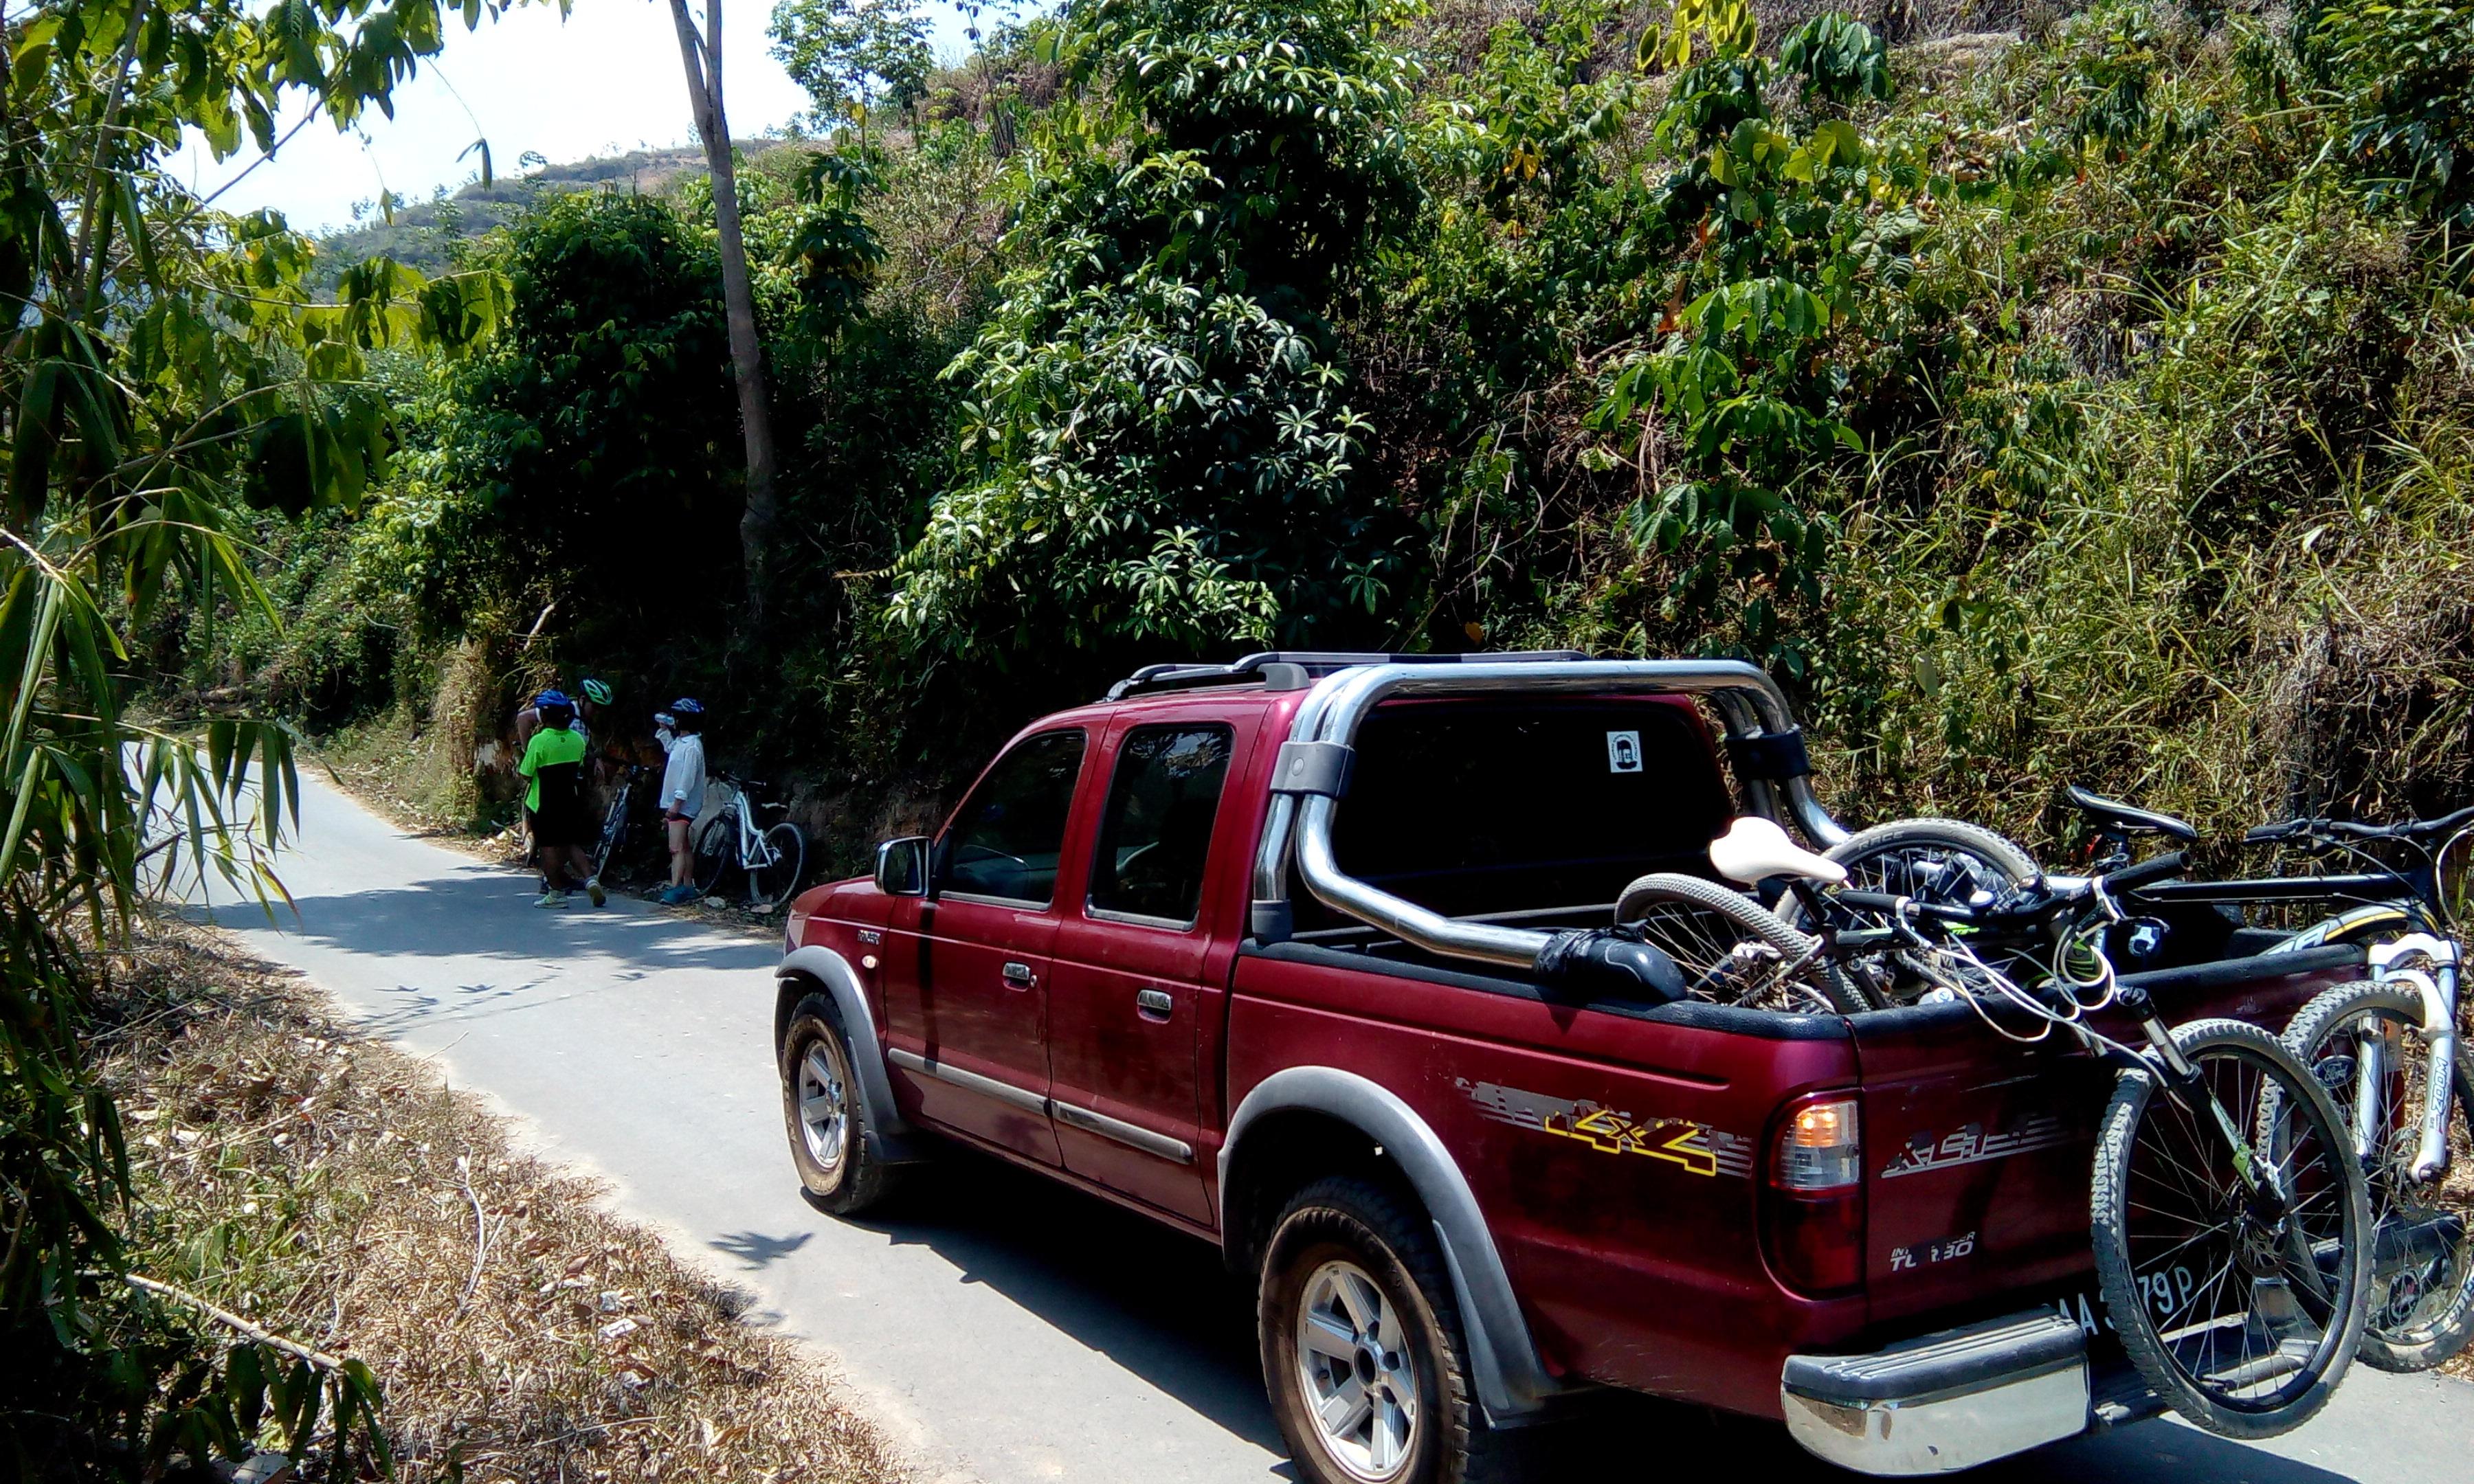 Bike Borneo support vehicle